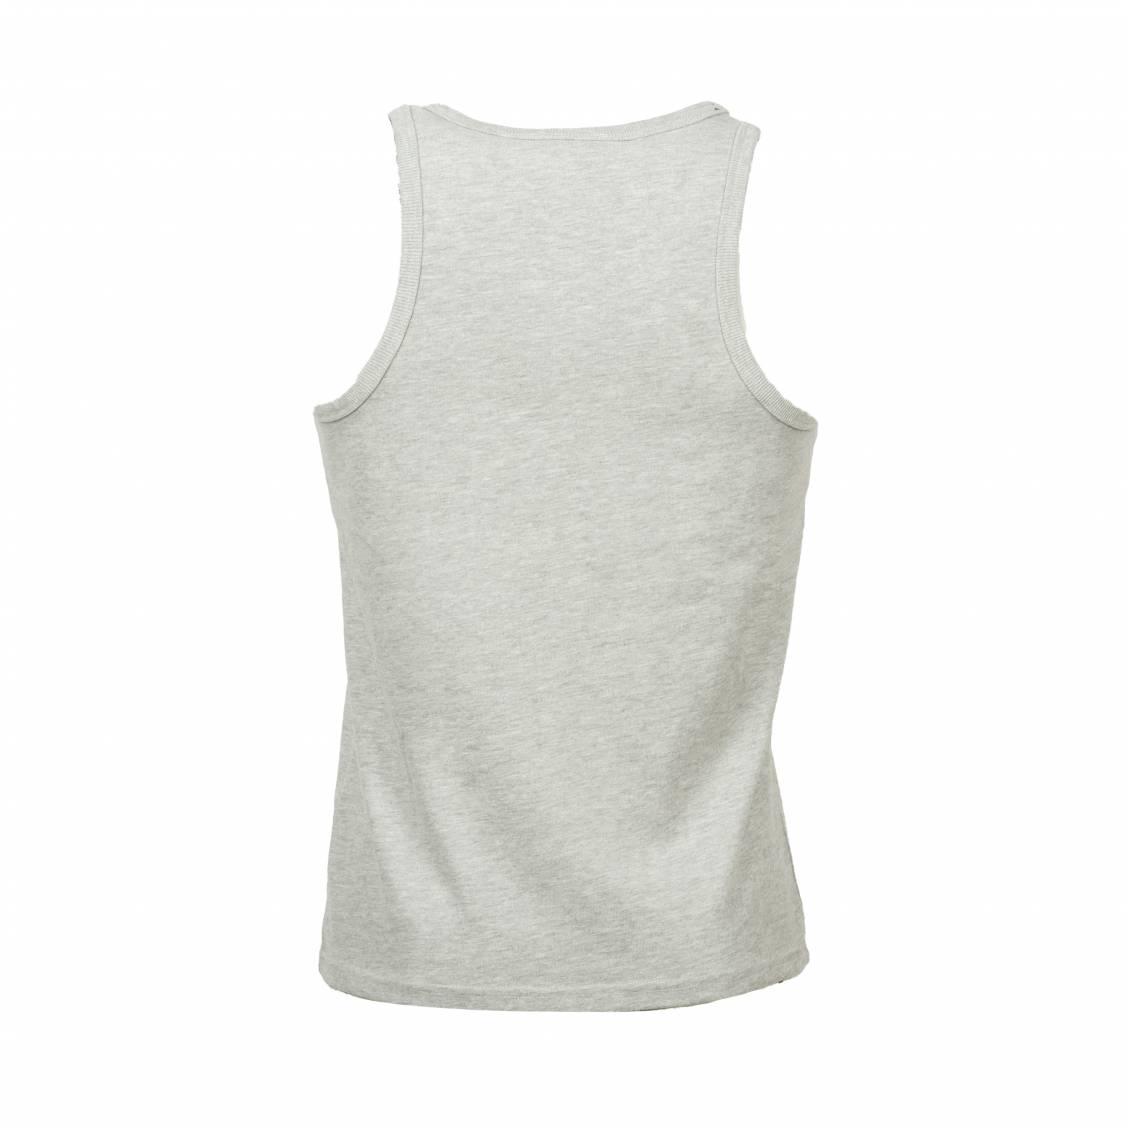 Débardeur col rond Superdry Vest en coton